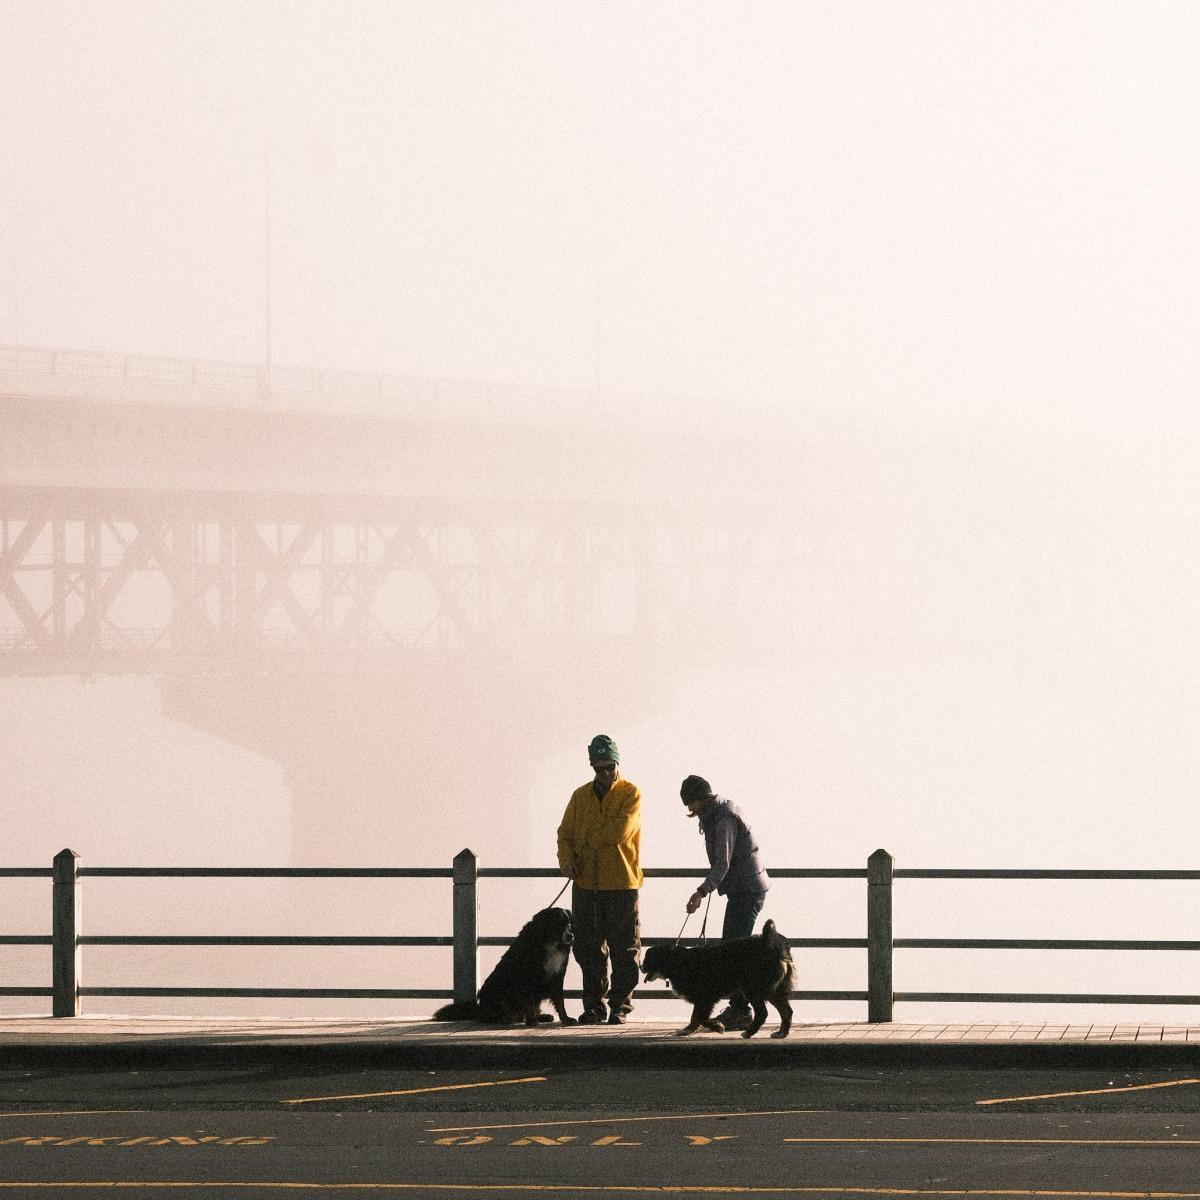 Magical foggy Sundaymorning